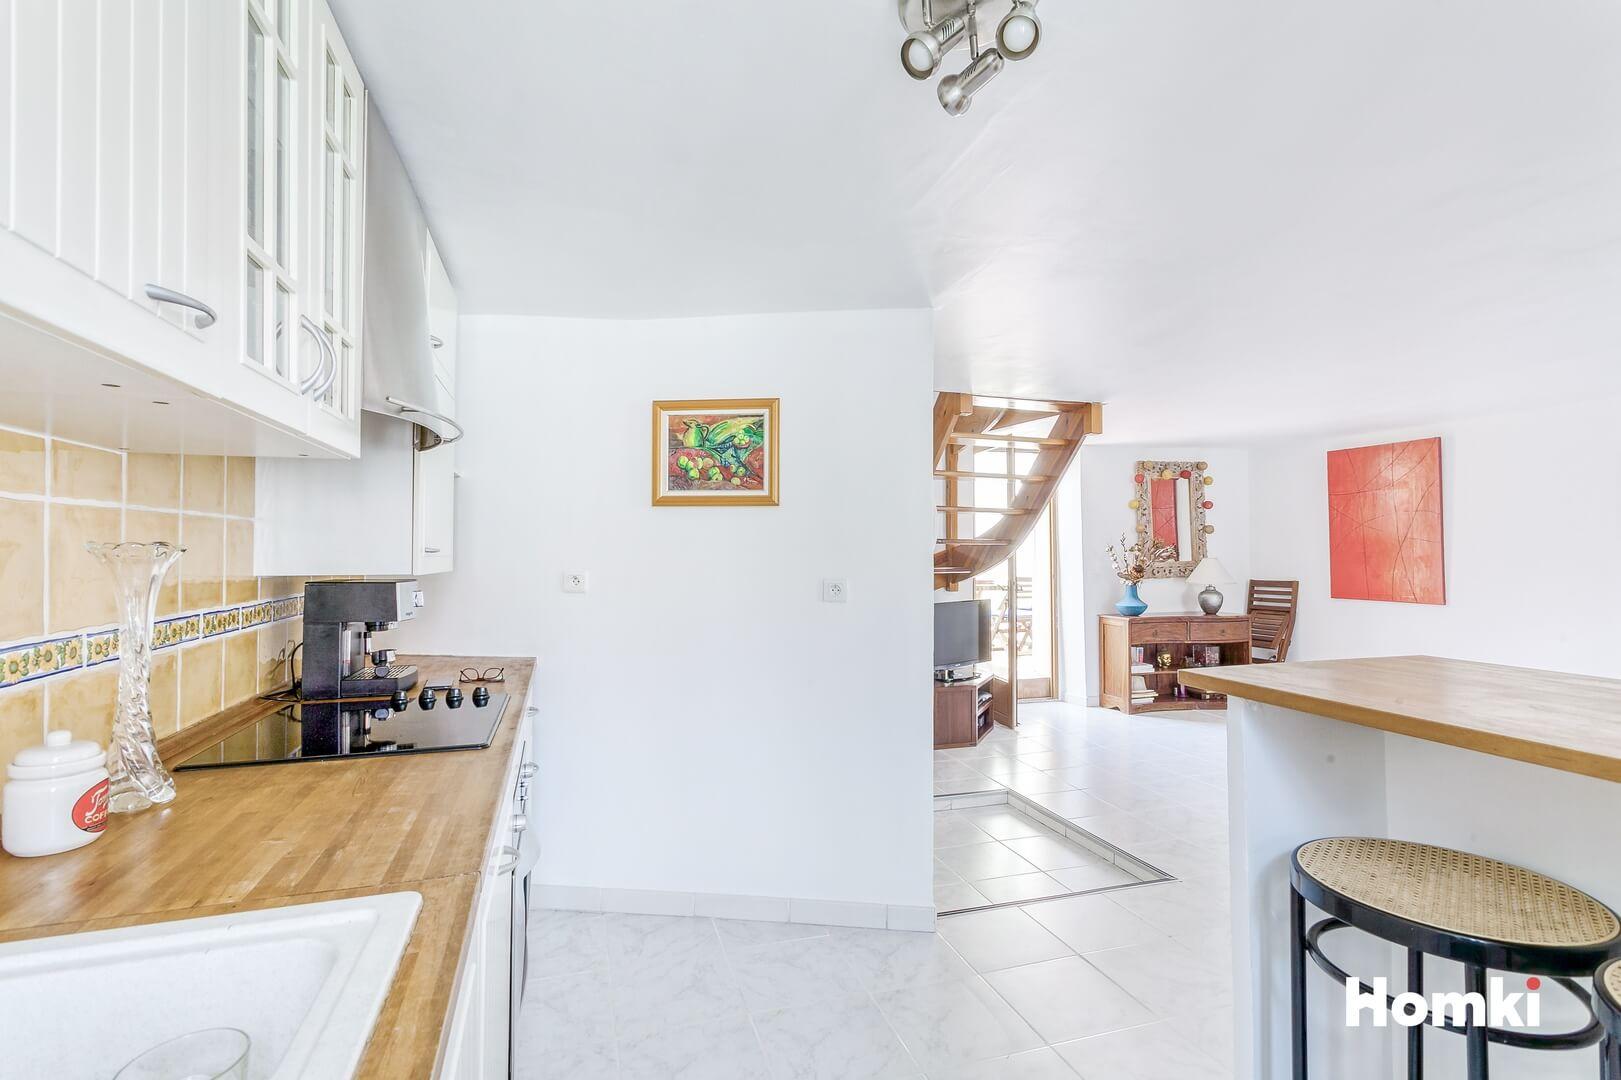 Homki - Vente Appartement  de 69.0 m² à Marseille 13006